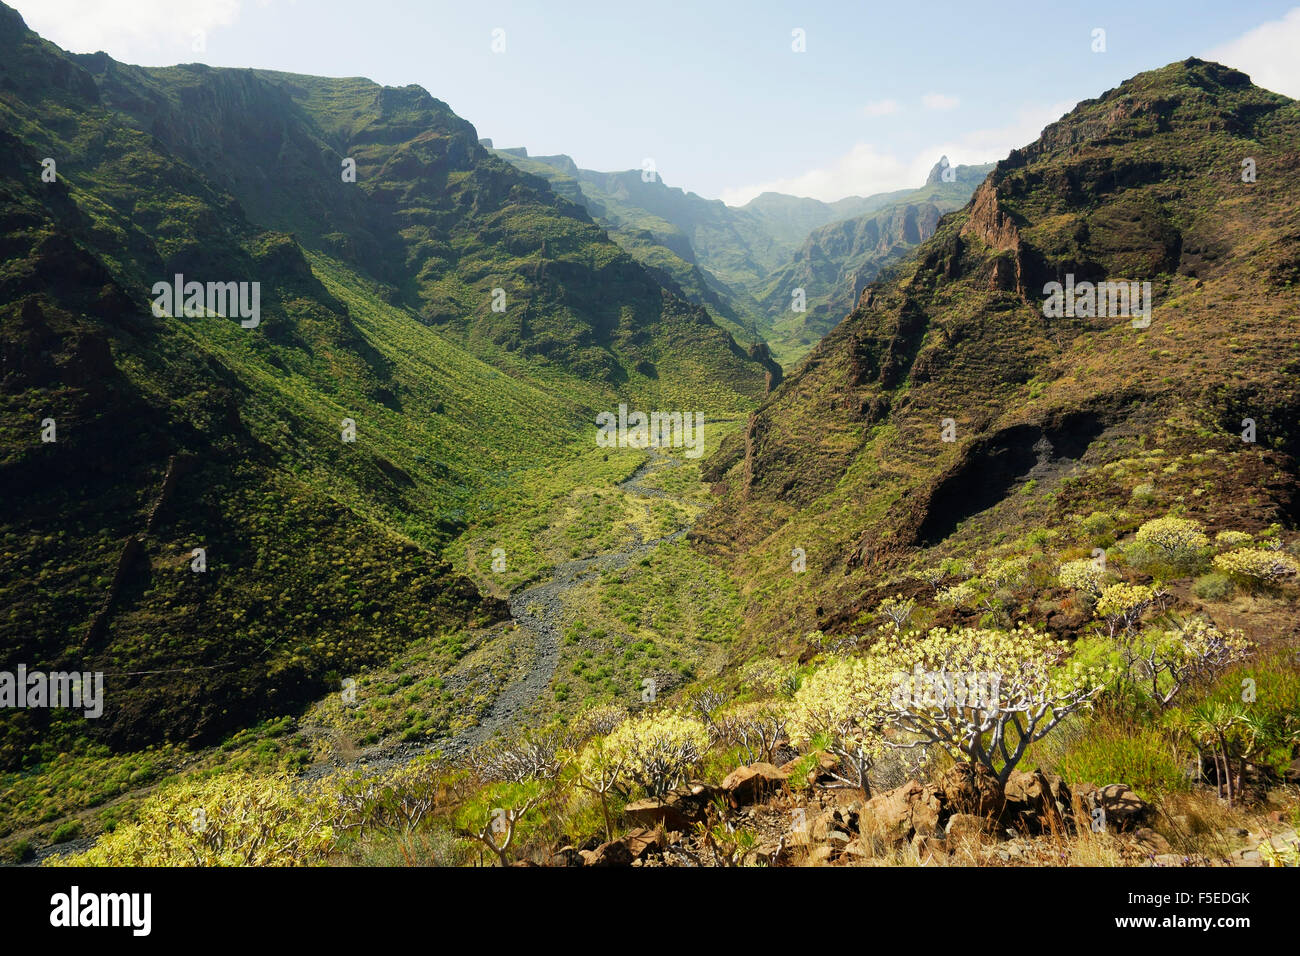 Barranco de Santiago, La Gomera, Kanarische Inseln, Spanien, Europa Stockfoto